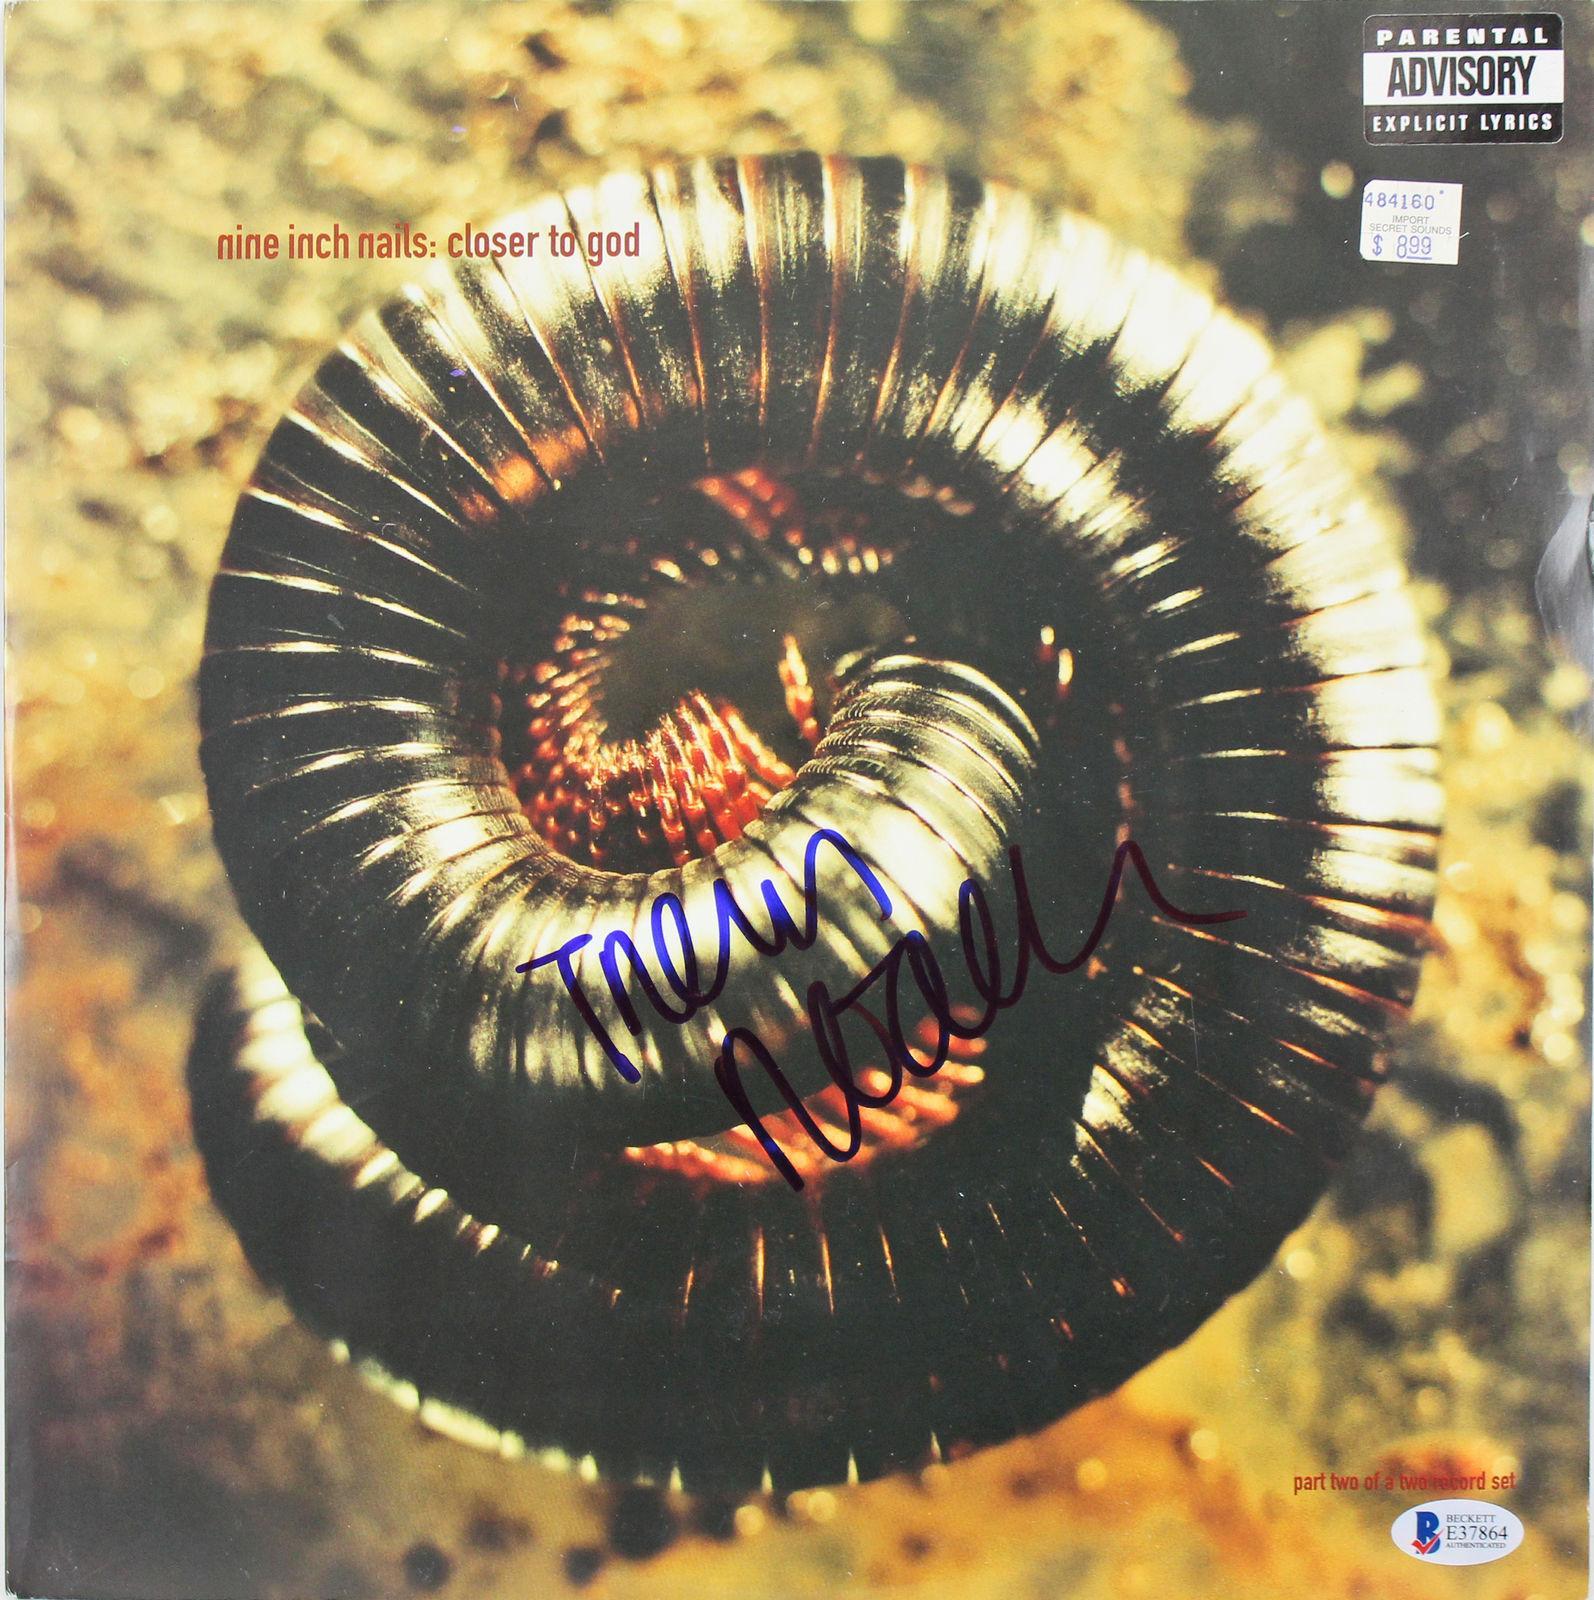 Trent Reznor Nine Inch Nails Signed Closer To God Album Cover BAS ...